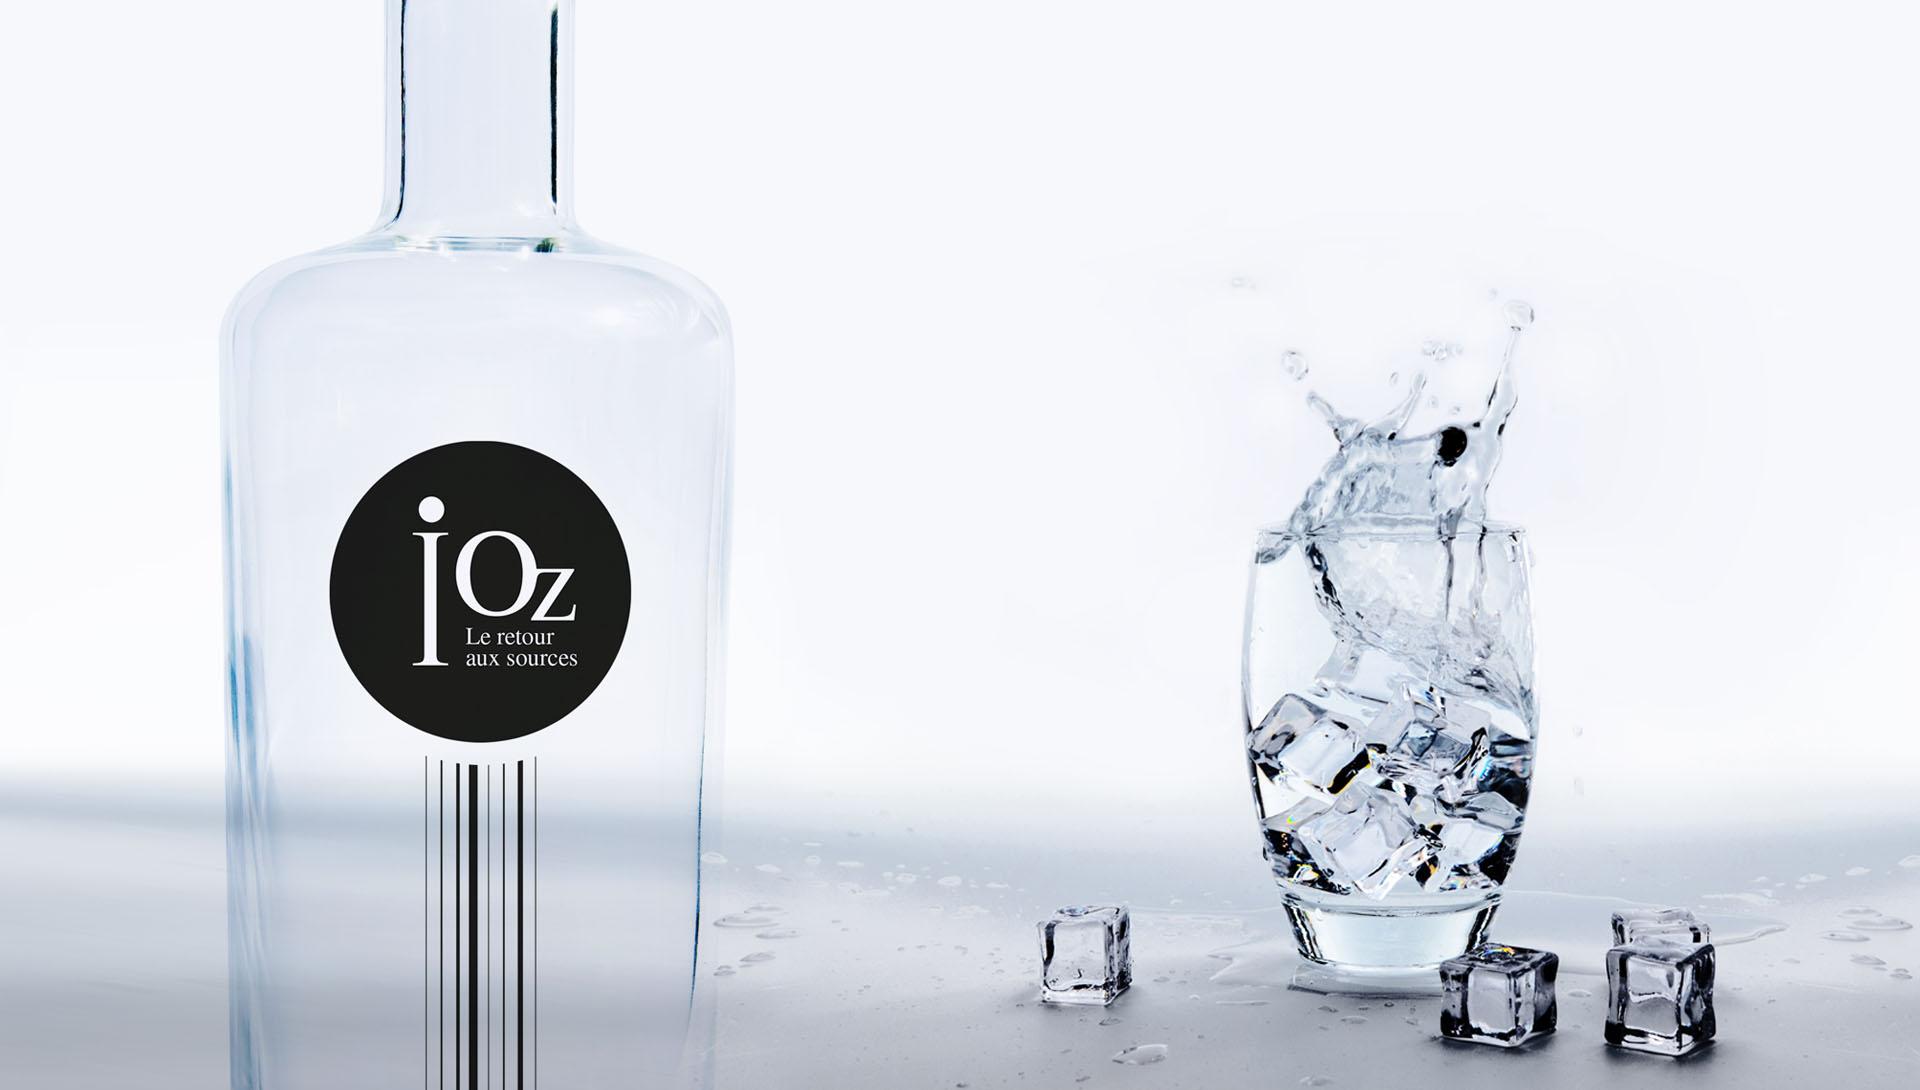 image d'Accueil, bouteille d'eau iOz